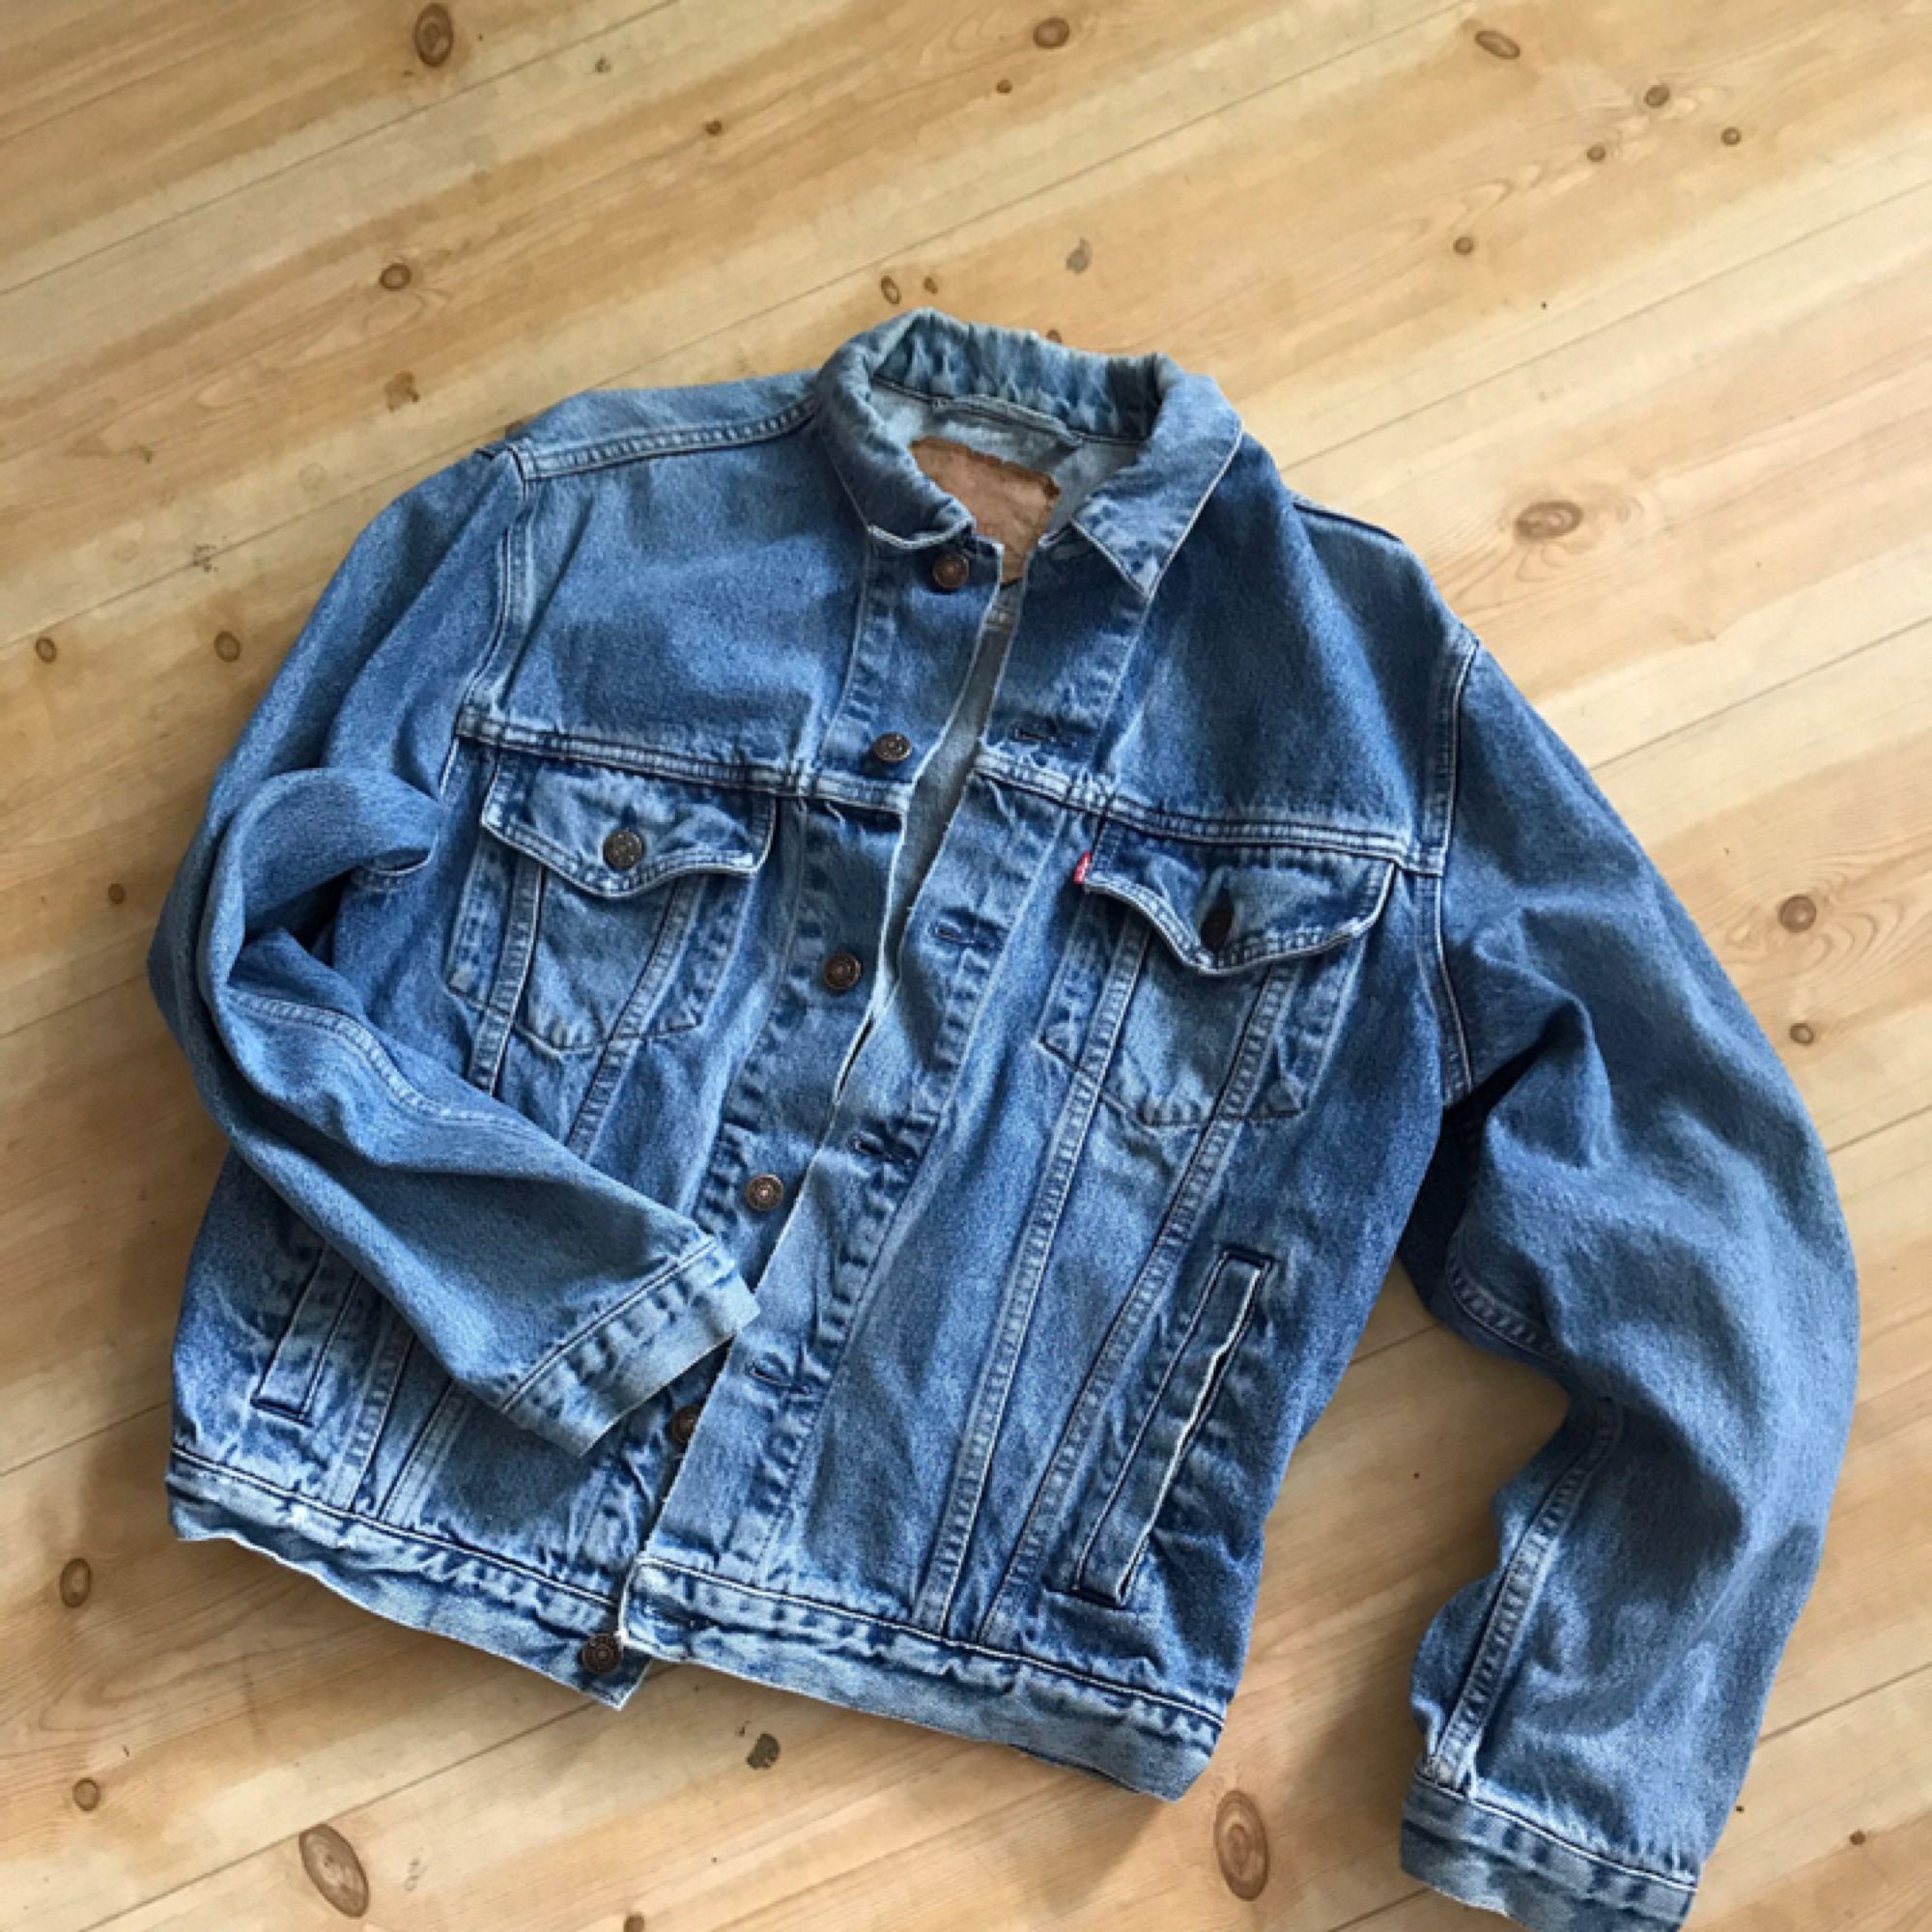 ddc471796ba2 Hämtas i Vintage 80-tals jeansjacka från Levis. 70503. Trevligt slitet  skick.